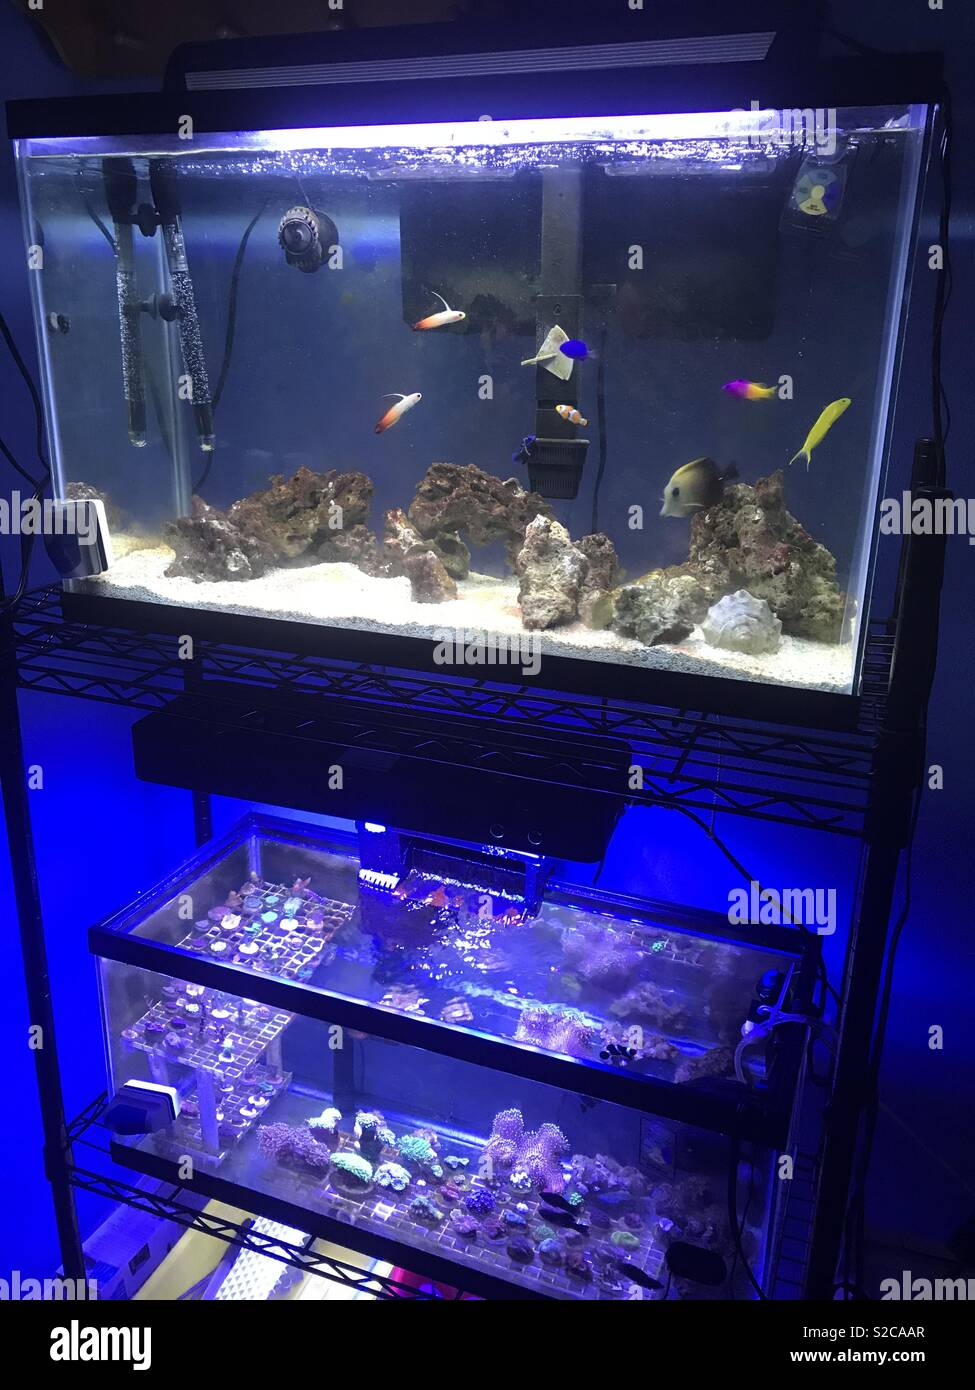 Aquarium - Stock Image